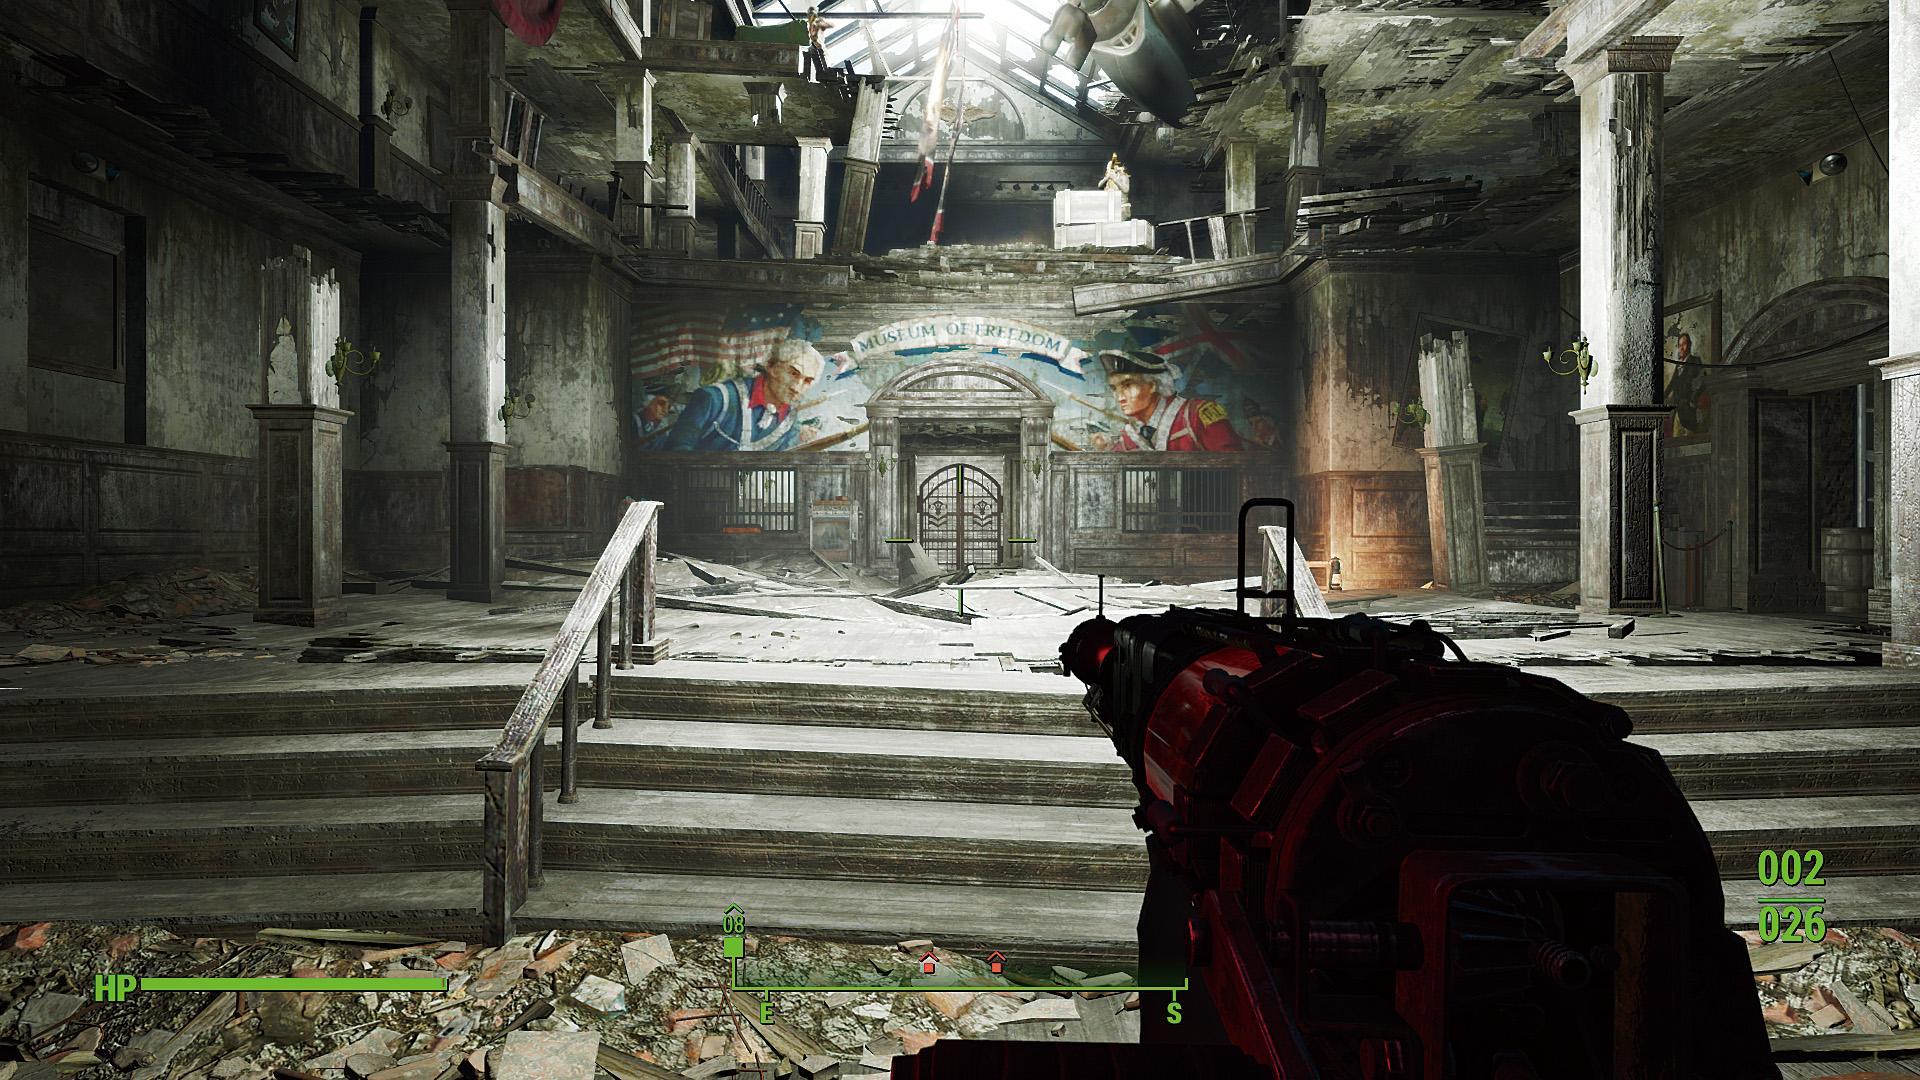 """「Fallout 4」でAOの設定を変えたときの違い。SSAOを使うと光の届きにくい奥まった部分の影の表現が向上し(奥の鉄格子周辺や扉枠の石柱に注目)、立体感が増すが、止め絵でない限り分かりにくい、というのが実情だろう<br class="""""""">Fallout 4:c2016 Bethesda Softworks LLC, a ZeniMax Media company."""